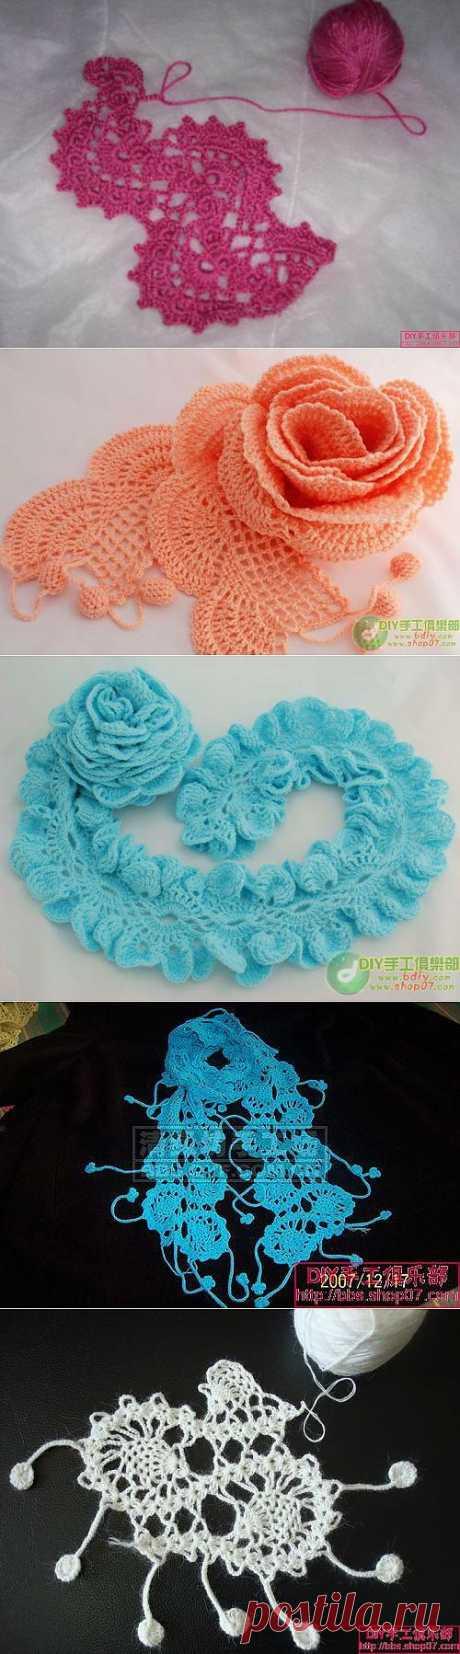 Кружевные шарфики или кружевная отделка (Китай).